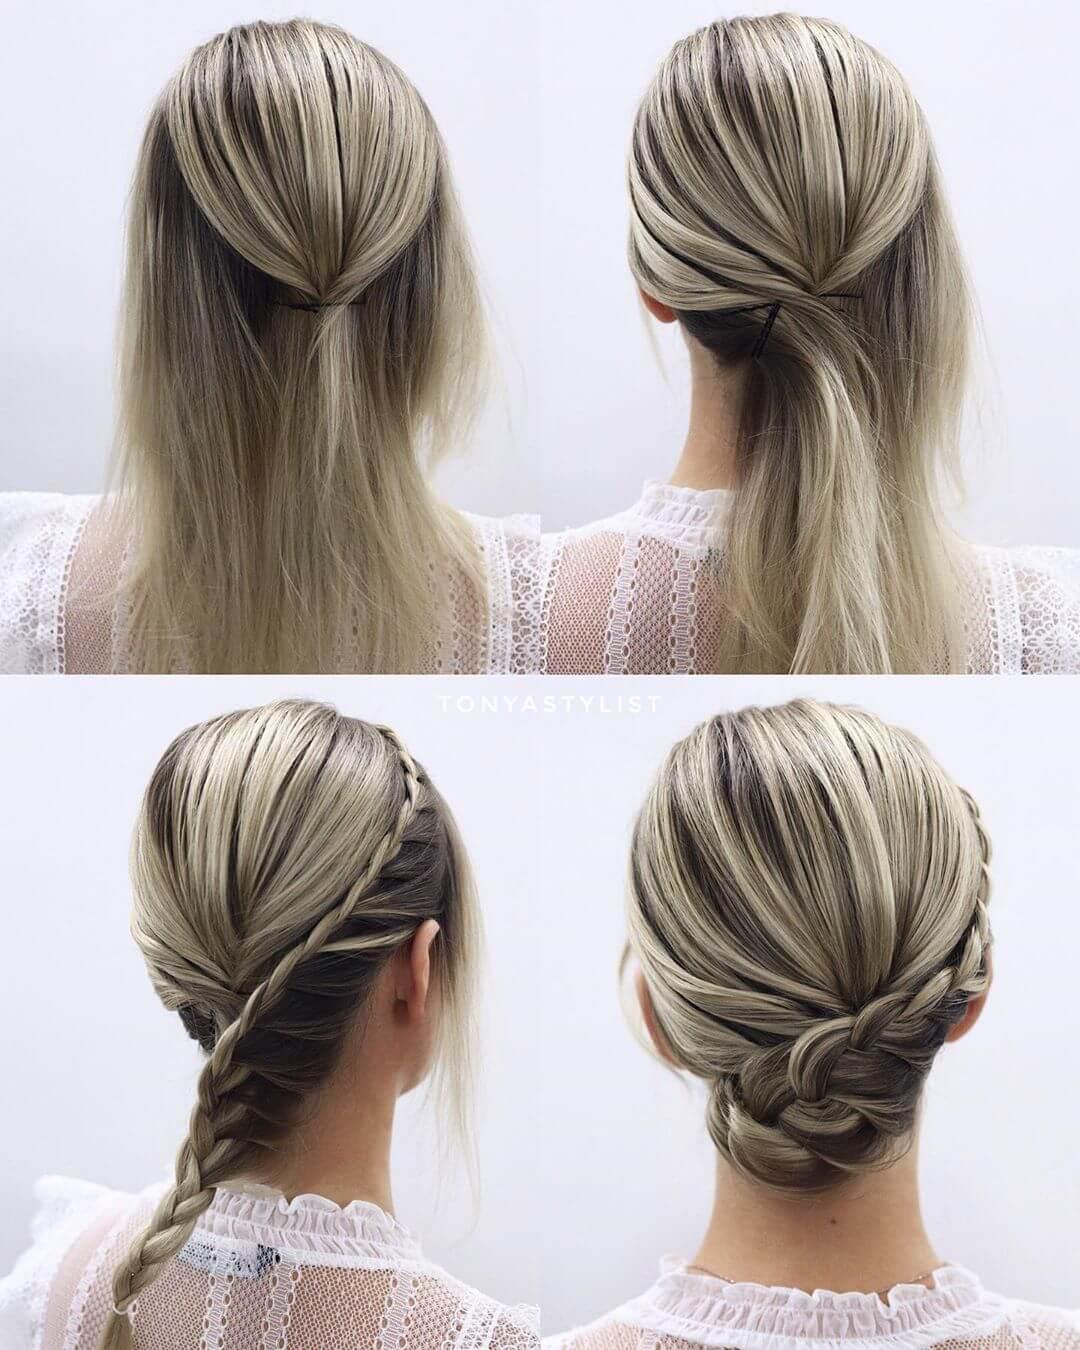 Step by Step Braid breach Hairstyles for Long, Medium, Short Hair